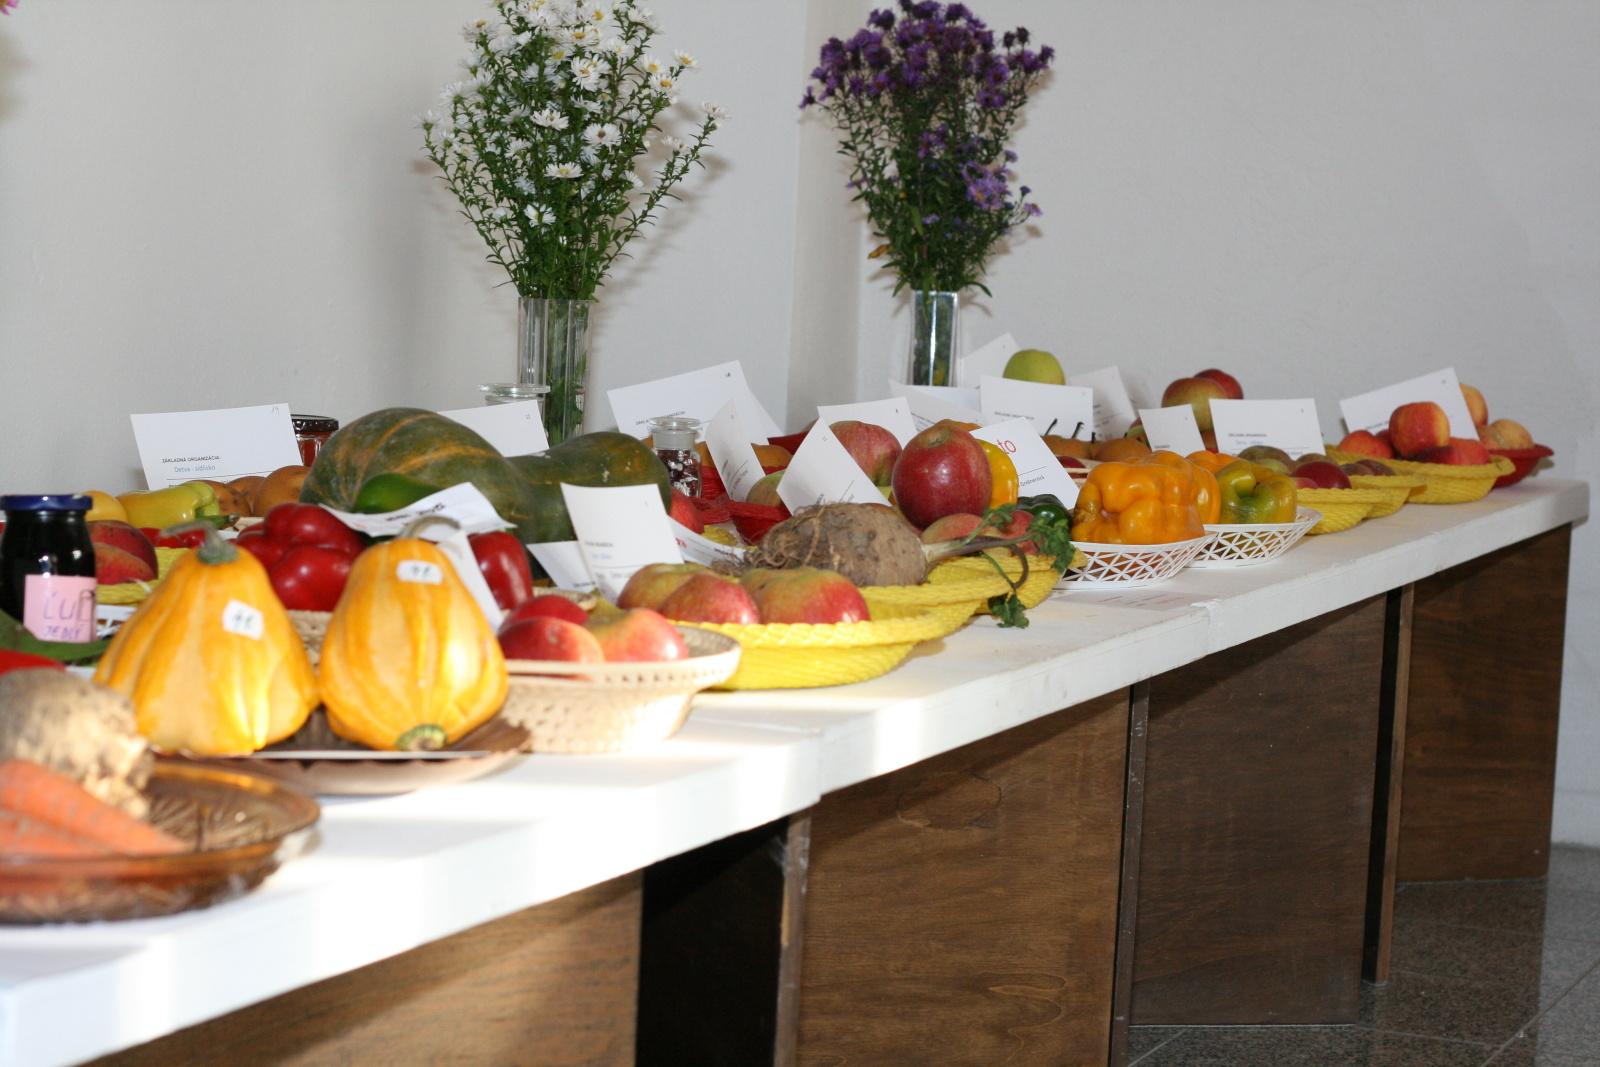 vystava-ovocia-zeleniny-zvolen-3